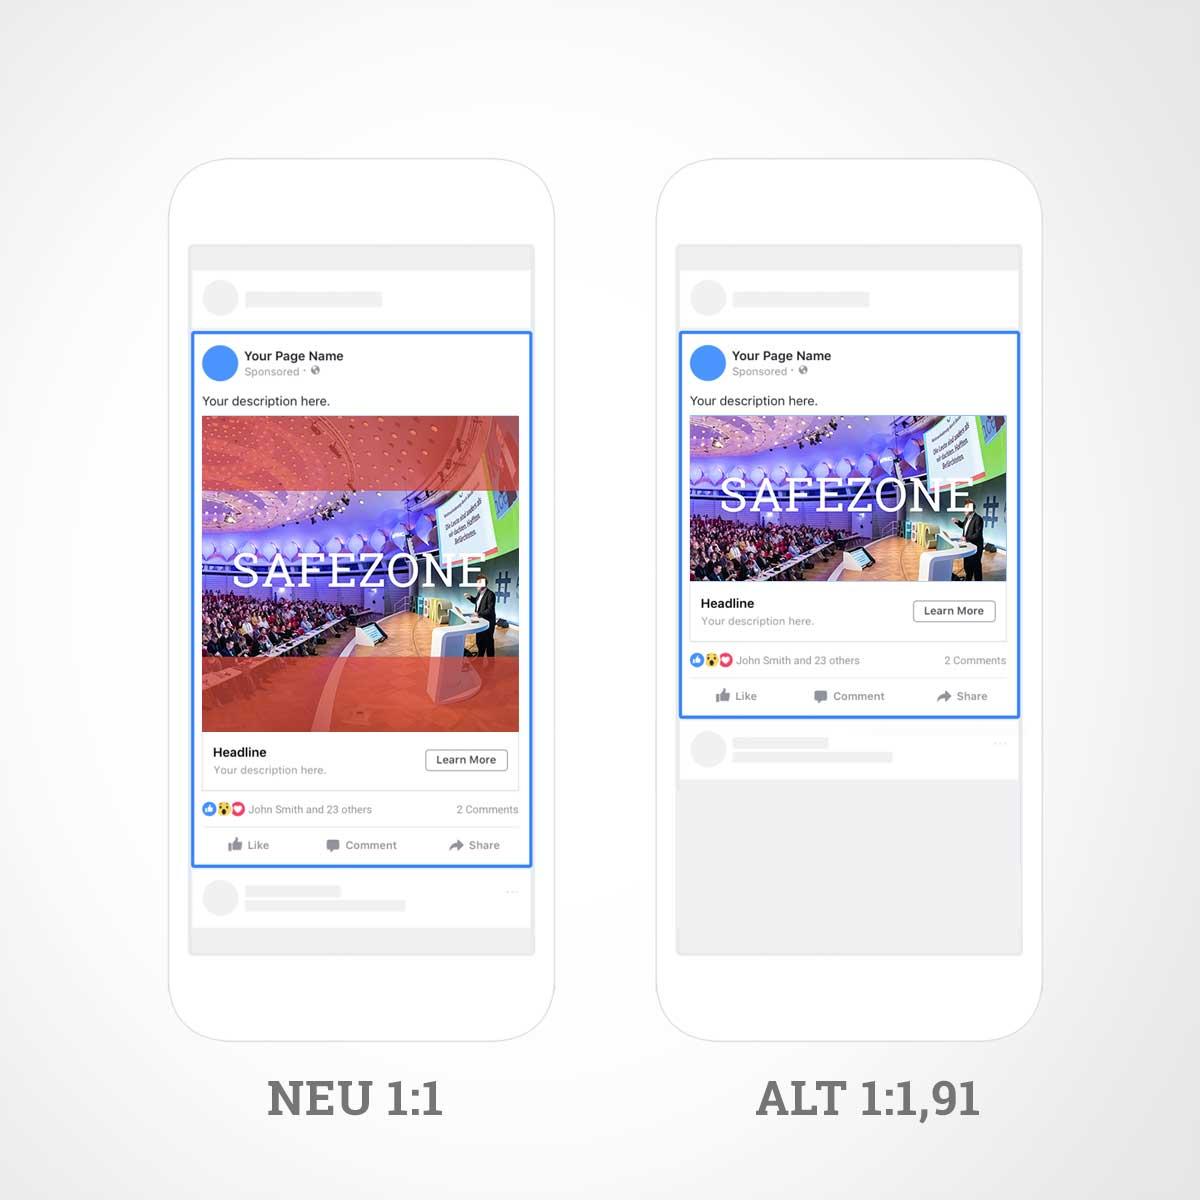 Facebook Link Ads Neues Format Für Das Vorschaubild Im Feed